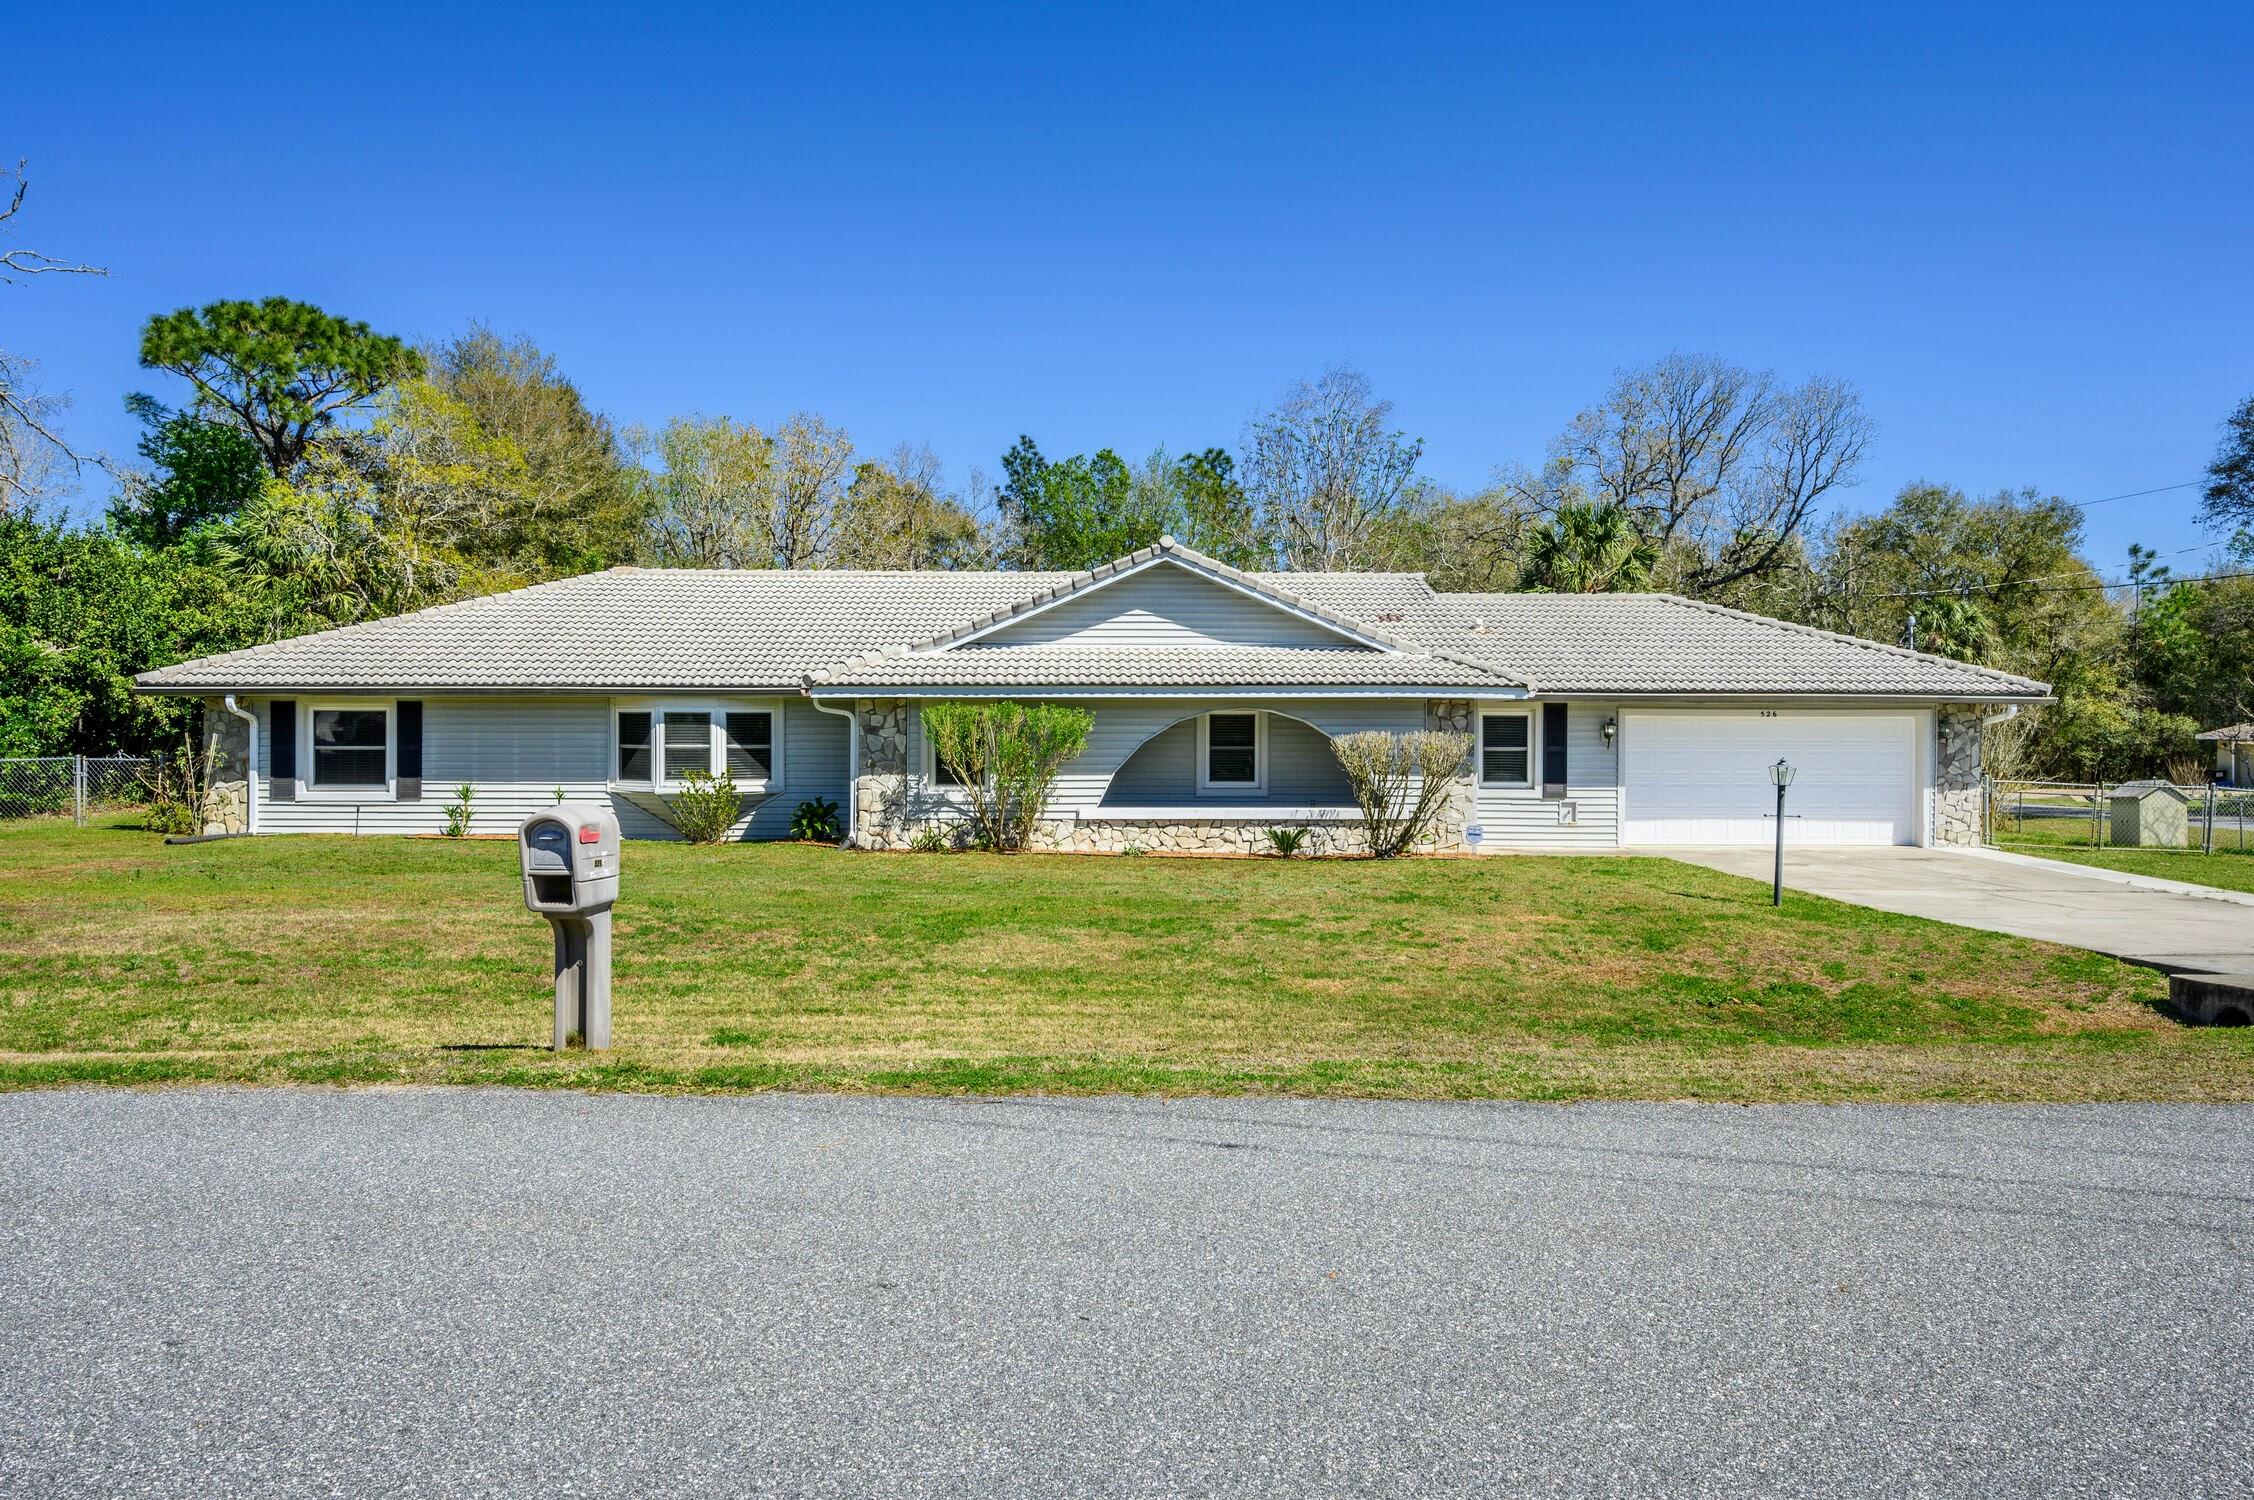 526 Pine Way, Ocala, Florida - ocala fl home for sale